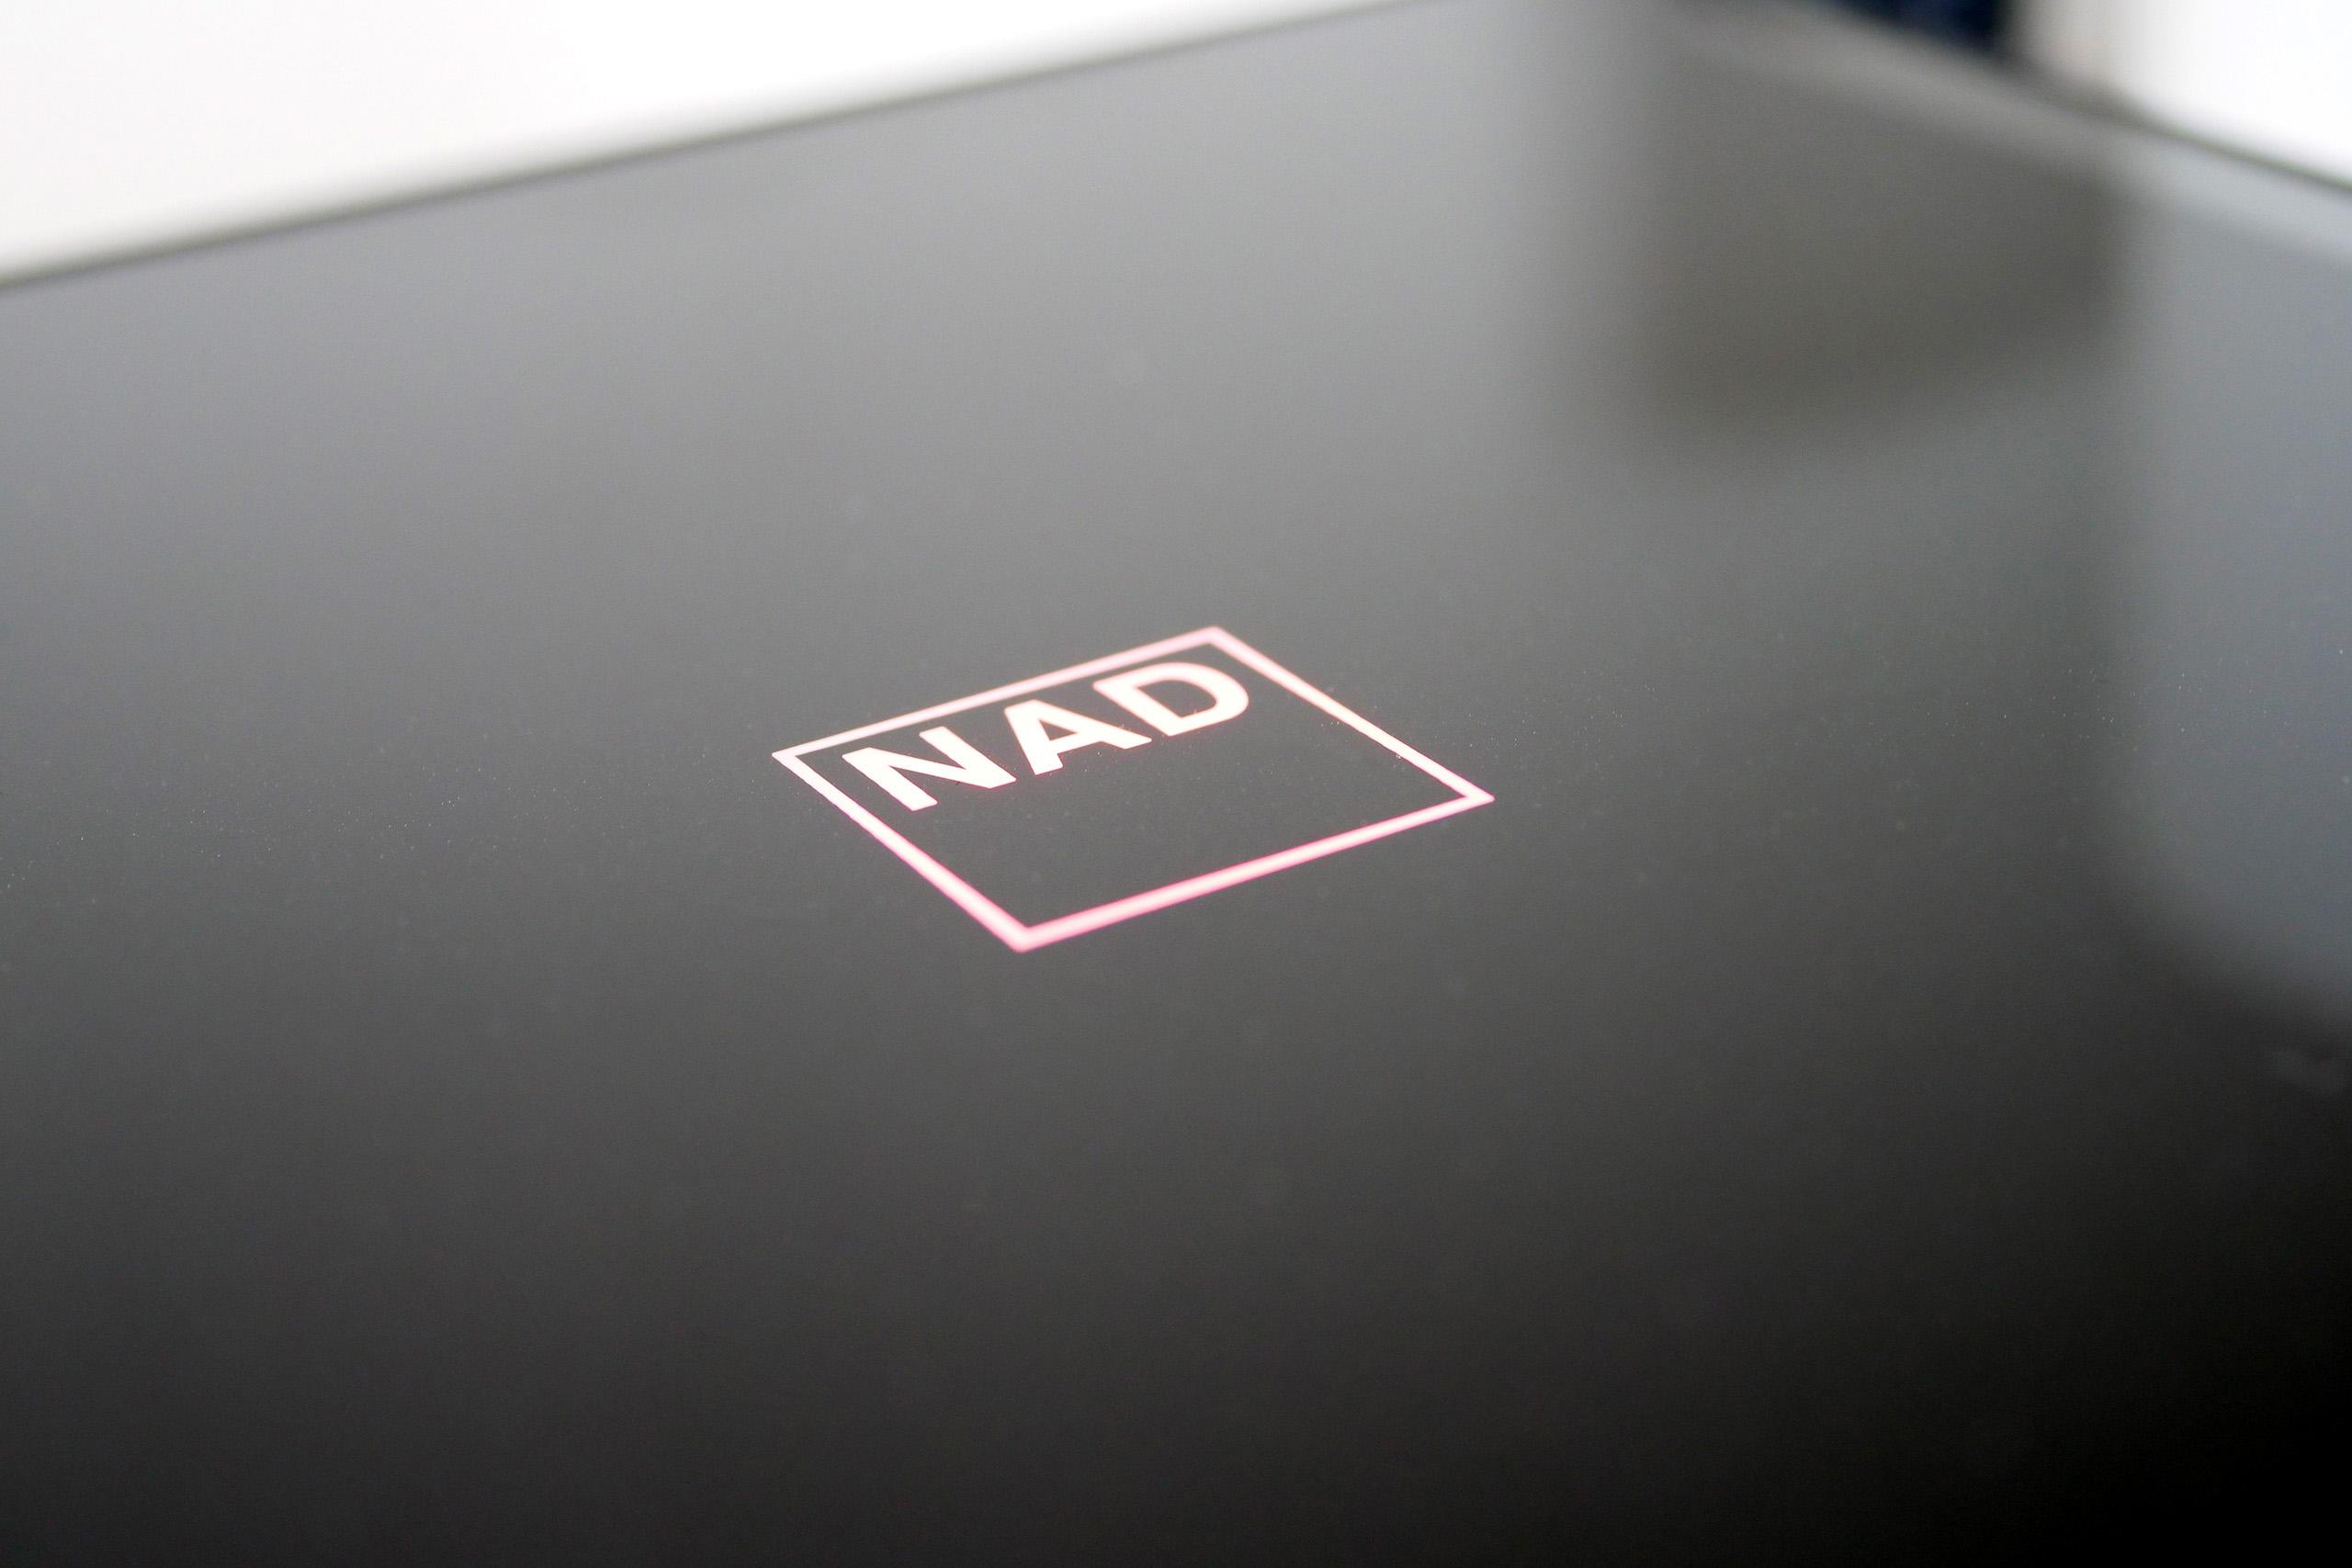 Le dessus du boitier NAD M10 est recouvert d'une plaque de verre